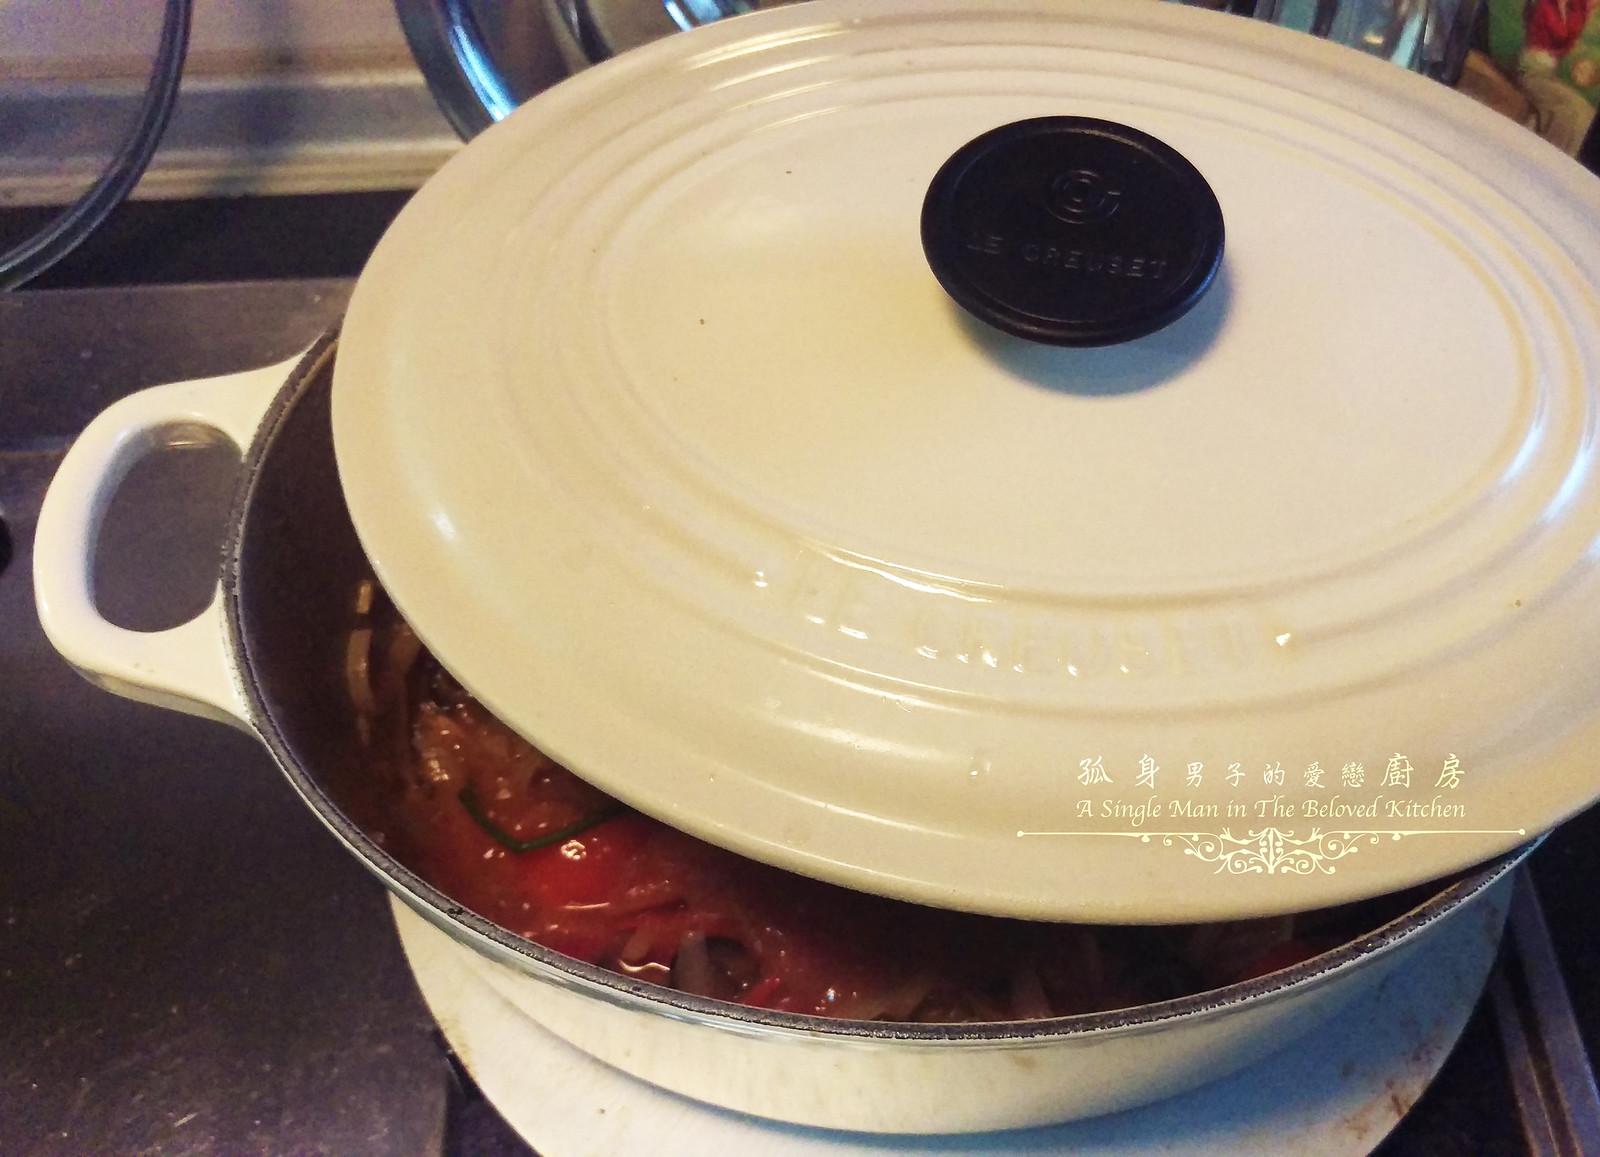 孤身廚房-煙花女義大利天使鳥巢麵15